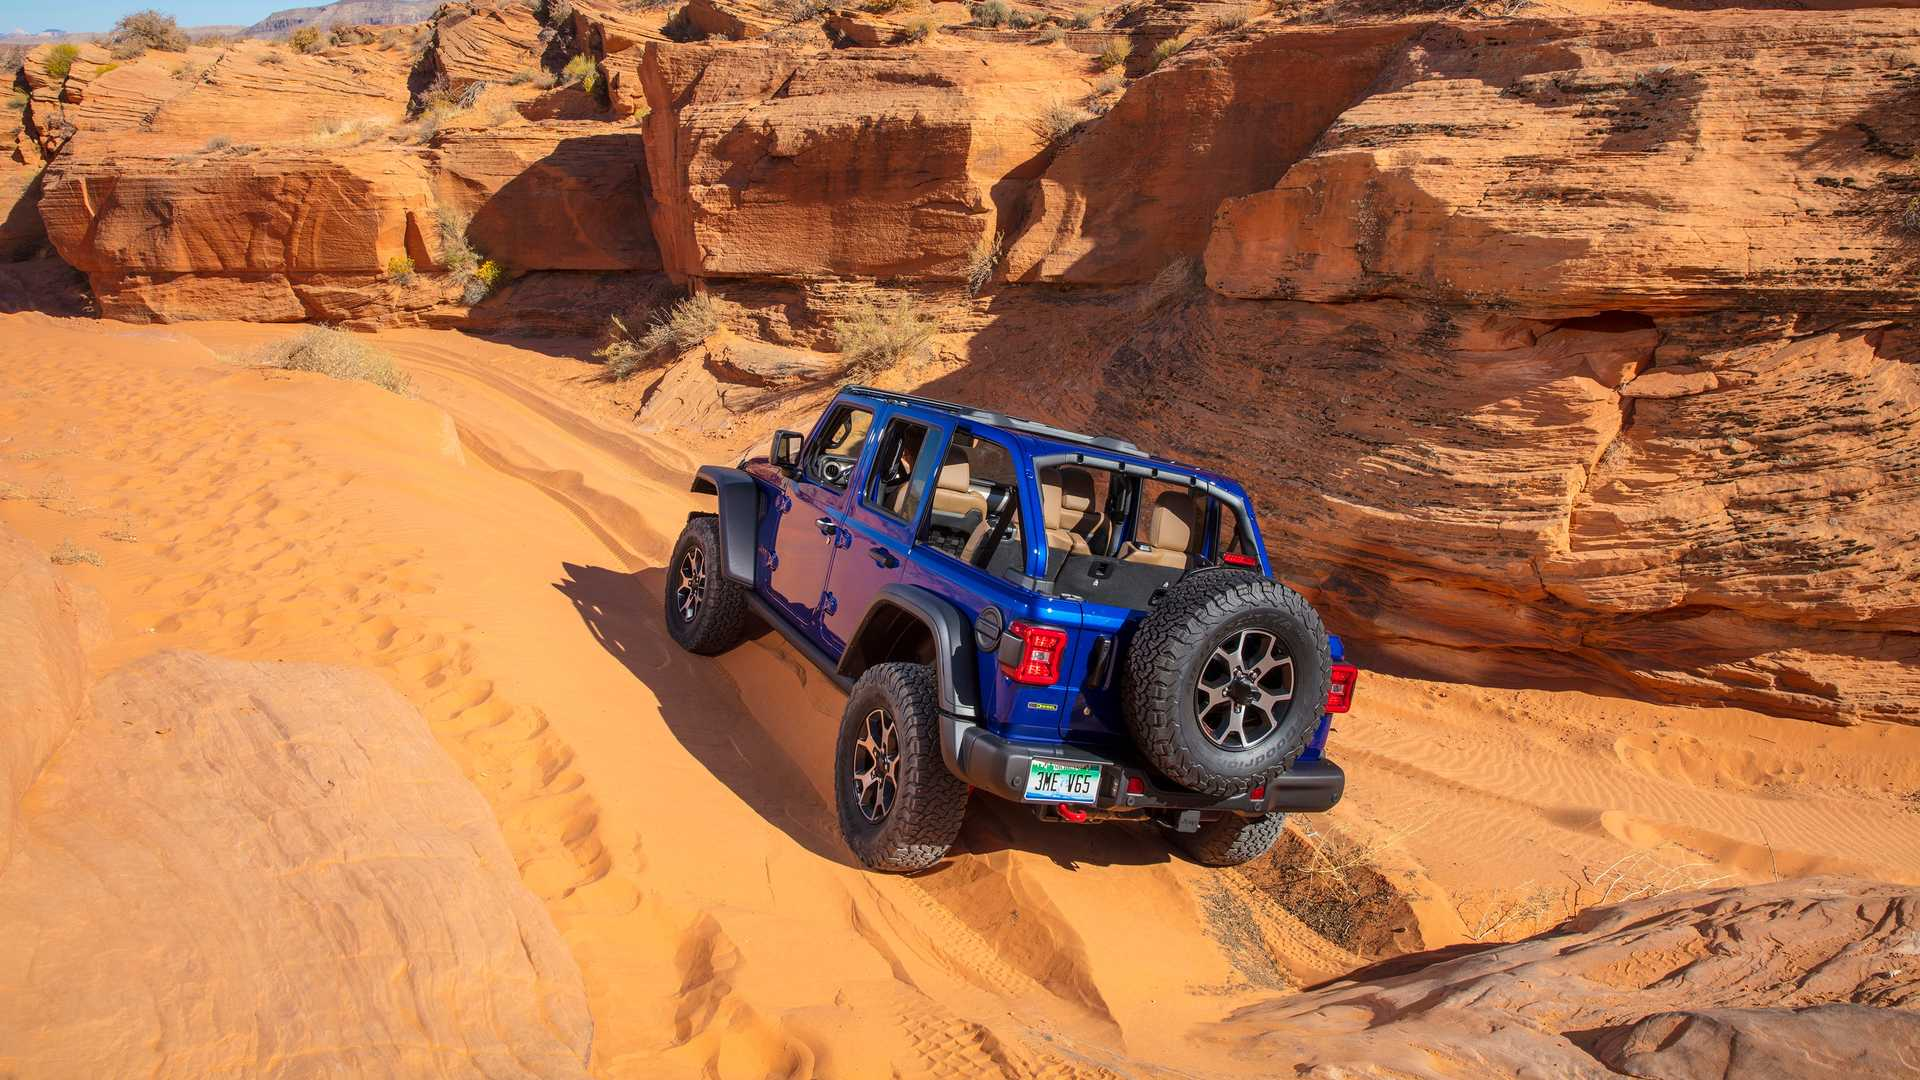 Jeep Wrangler Hibrido Enchufable Electrico 5